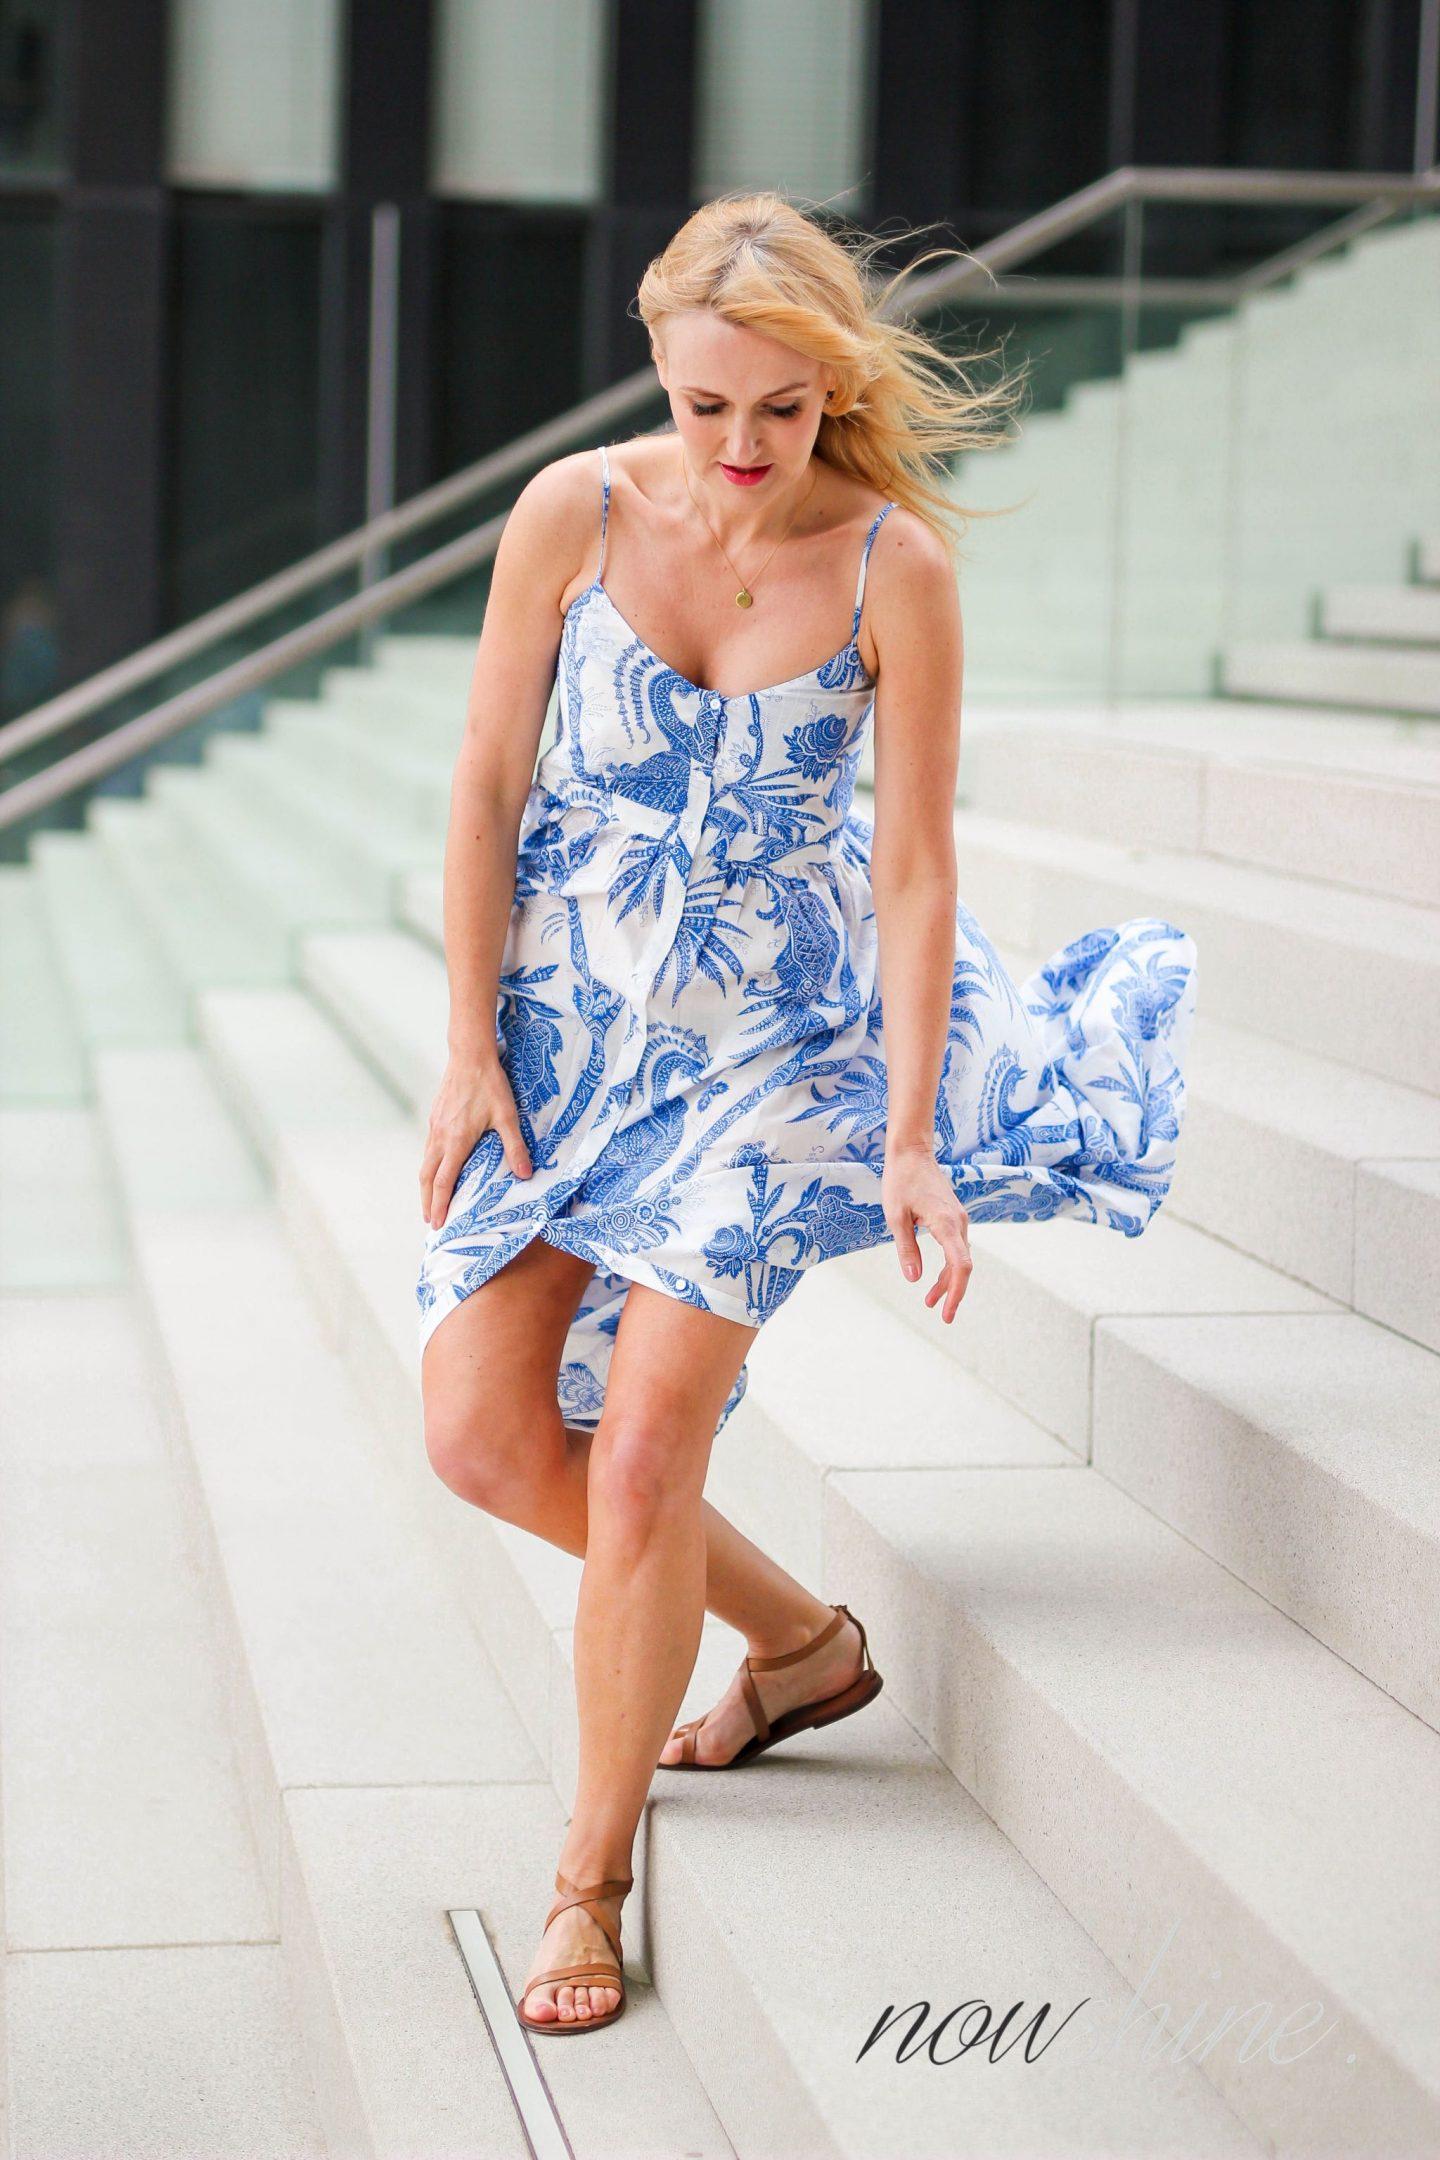 Feminine Maxikleider für den Sommer - Nowshine im Maxikleid von H&M Trend - Hyatt Regency Düsseldorf Shooting -Lookbook